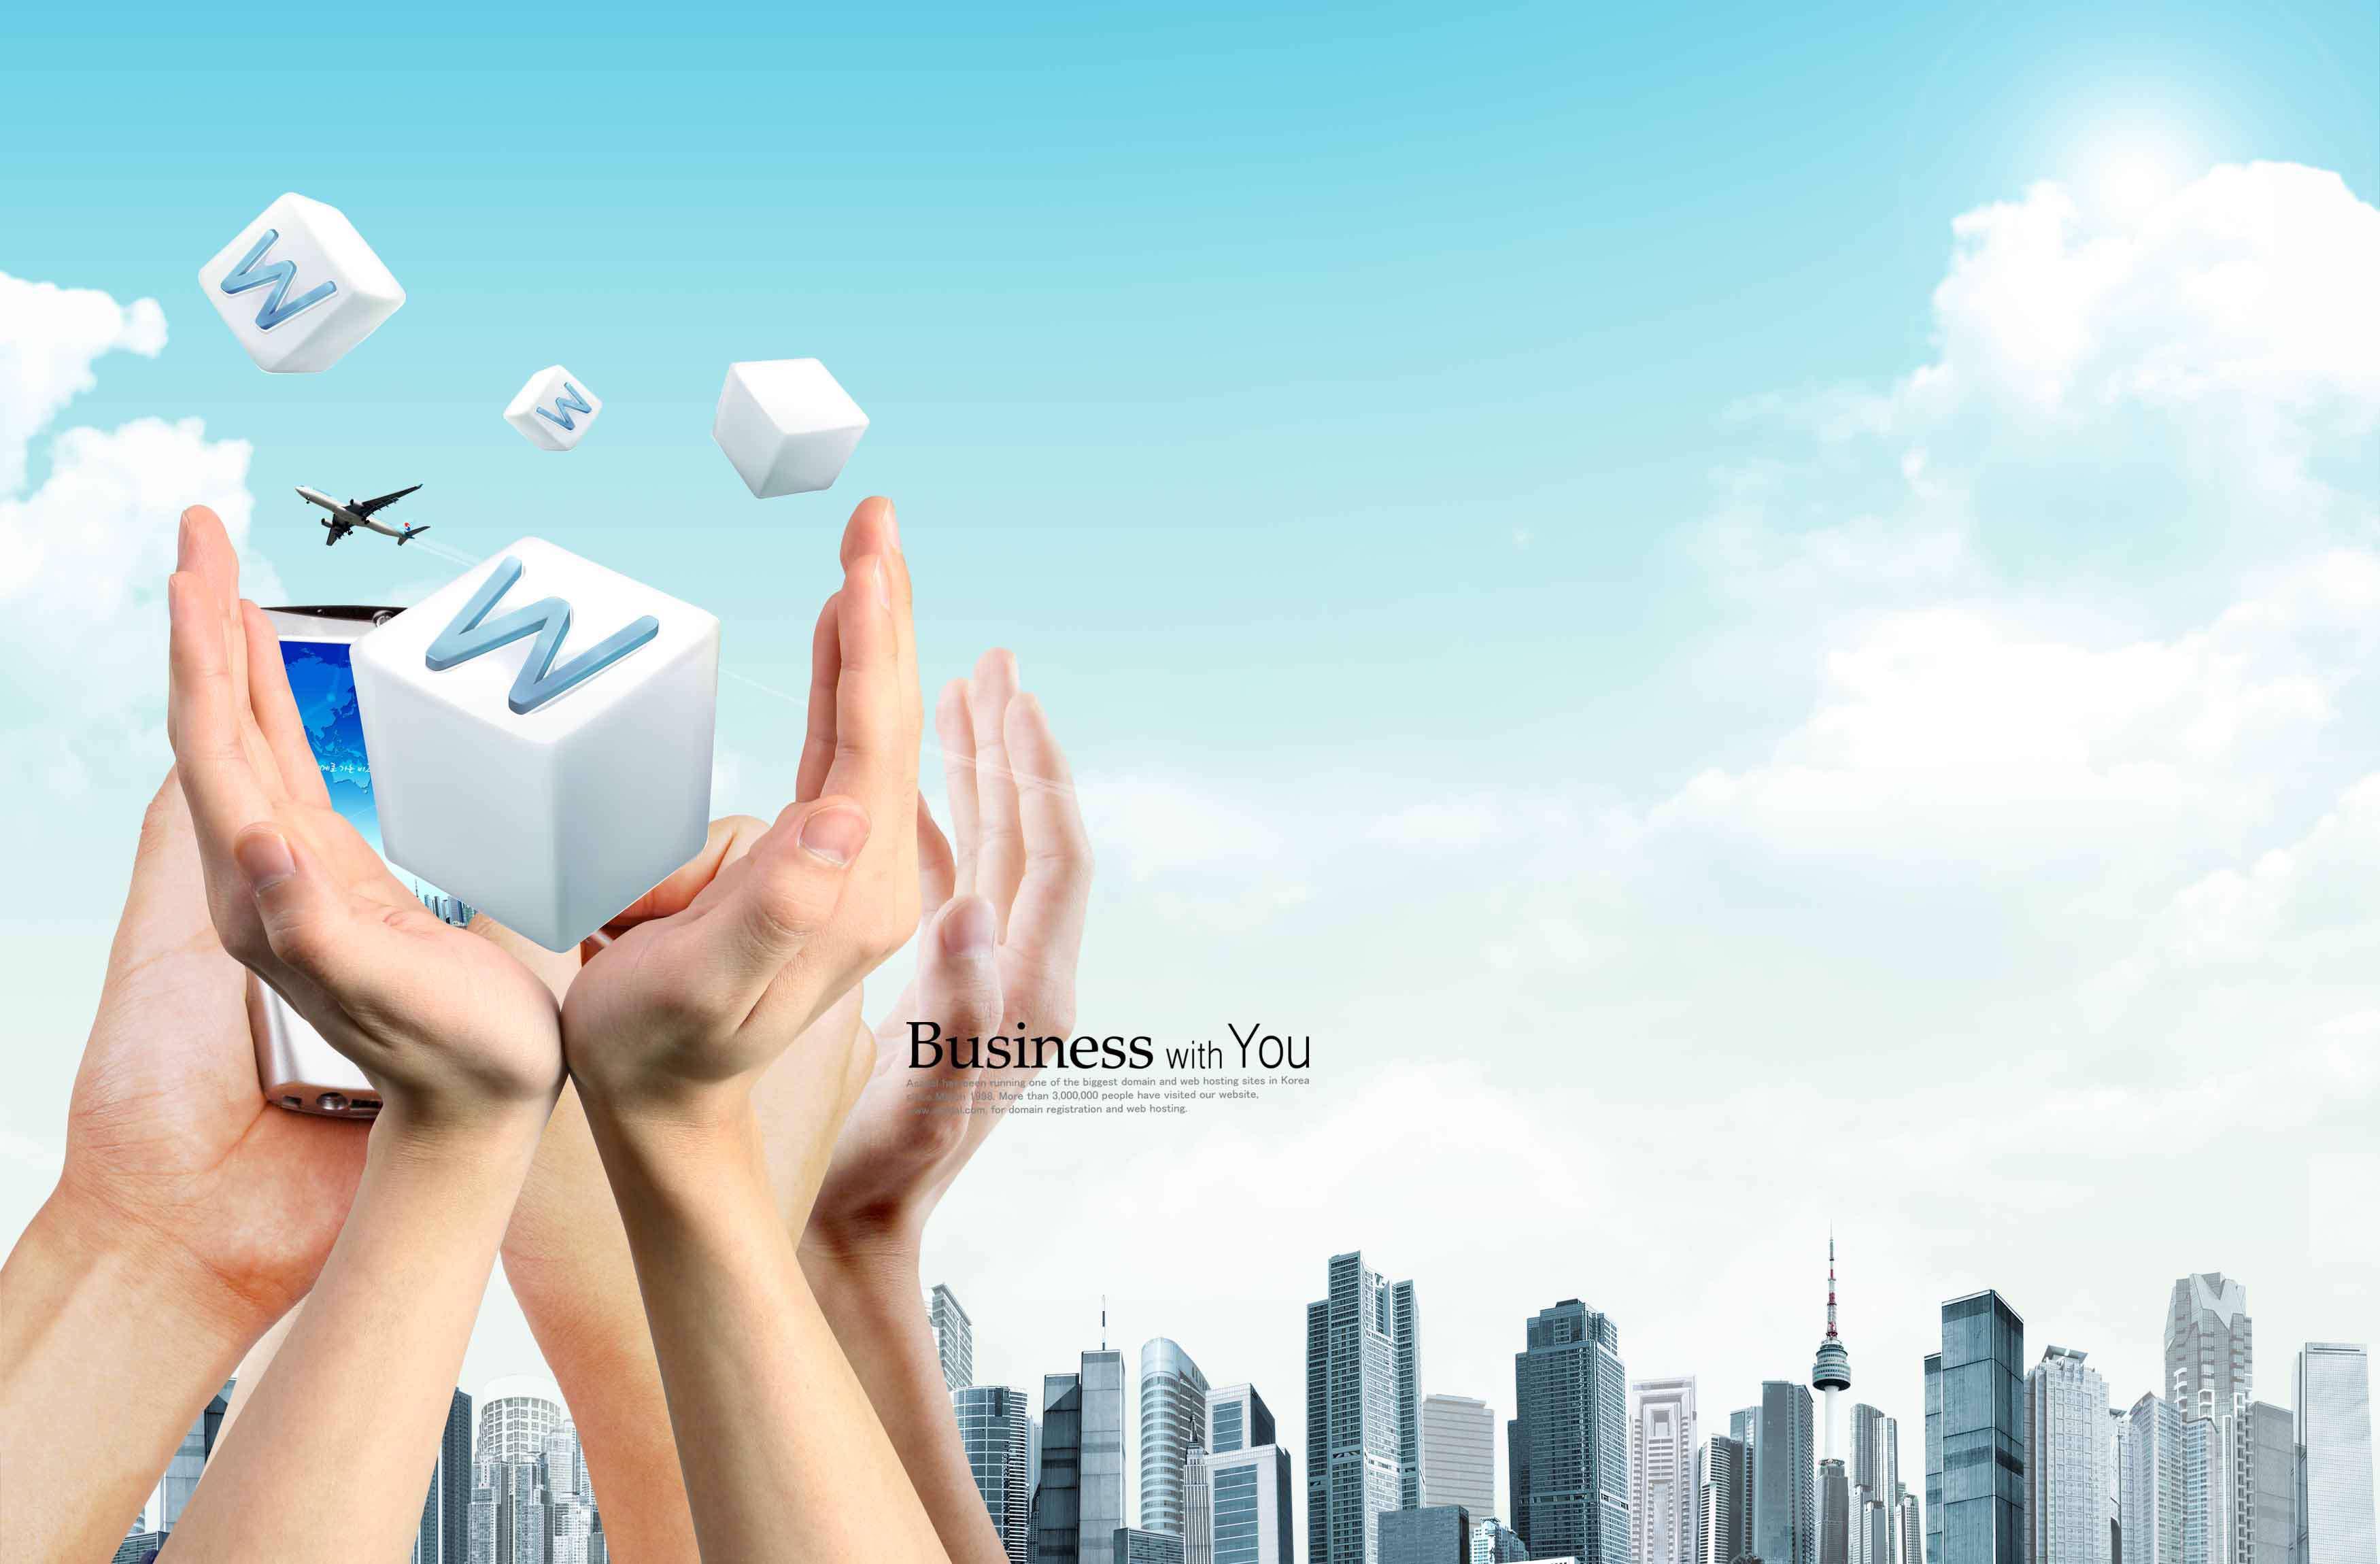 تصاویر لایه باز تبلیغاتی مشارکت در تجارت